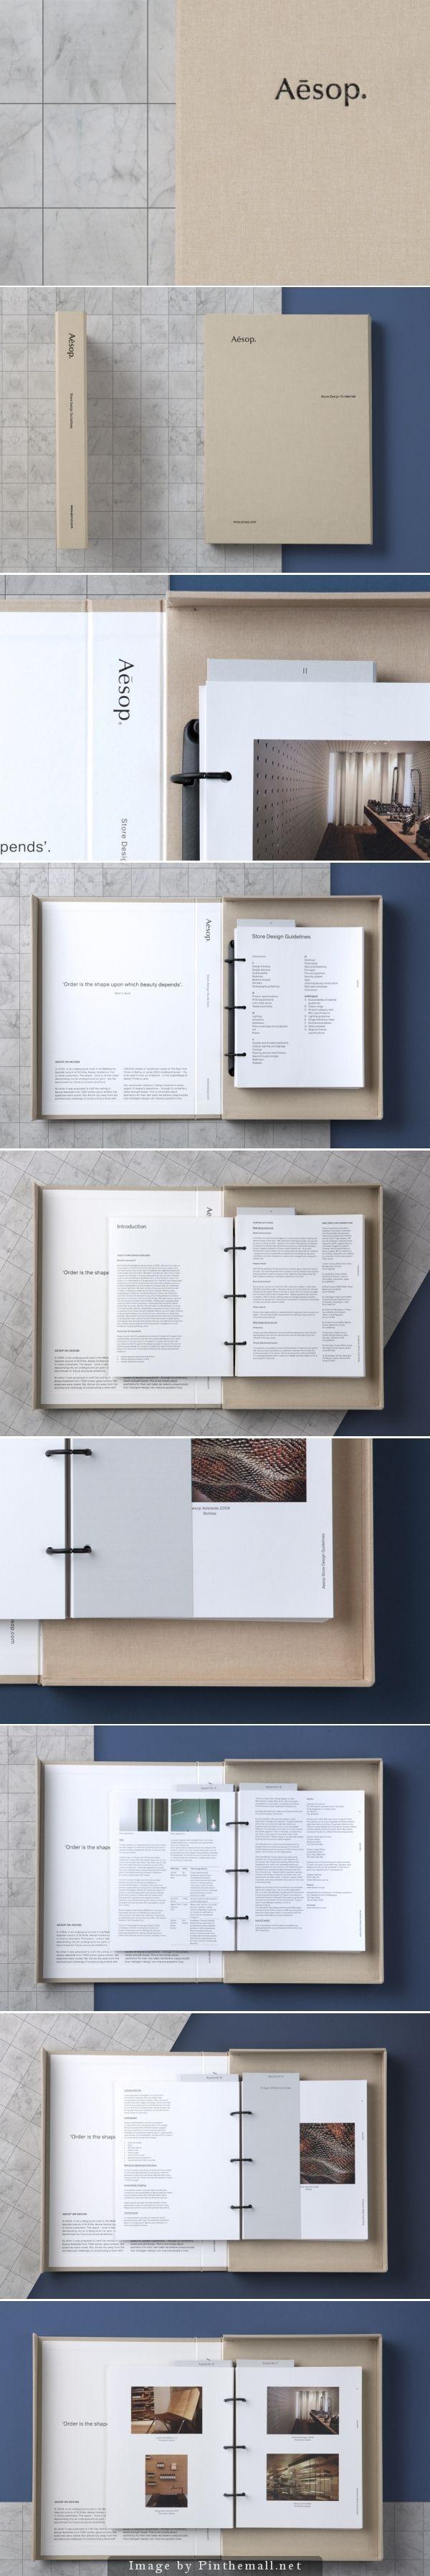 U P Design Guidelines For A Sop Portfolio Inspiration